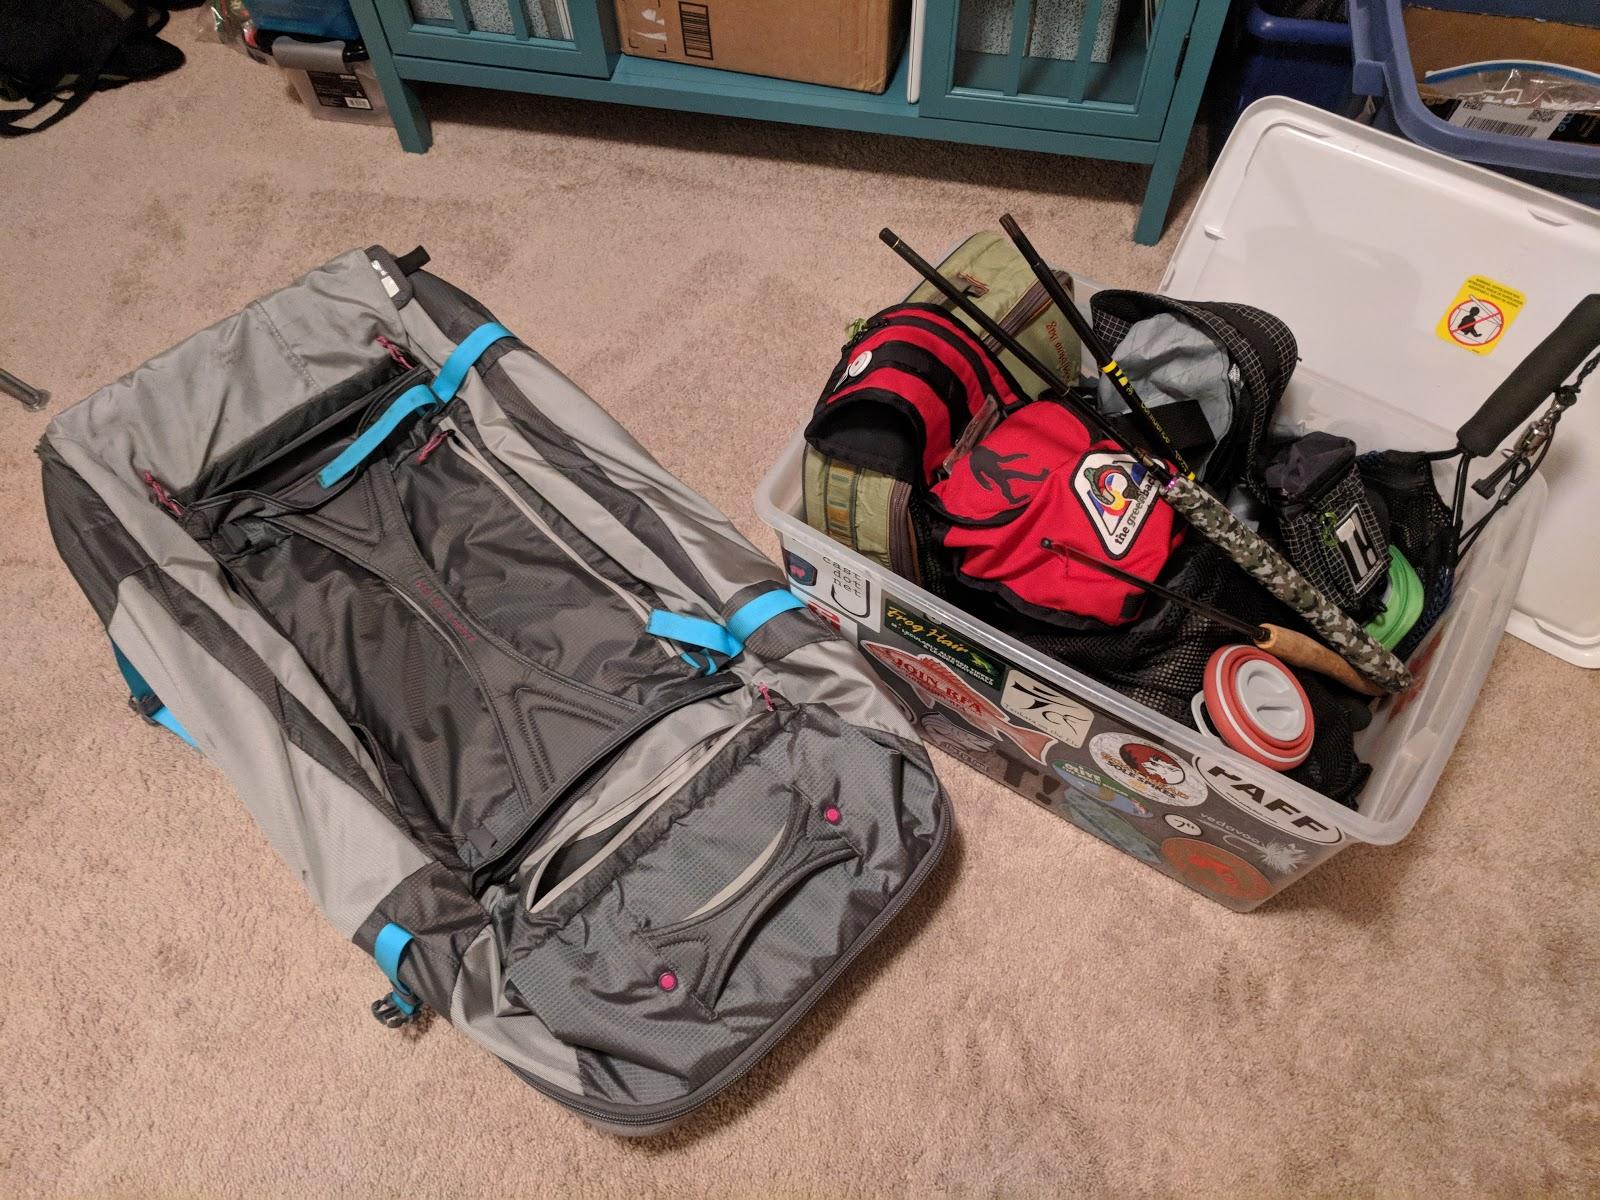 d17ba7a7df0 Troutrageous! Fly Fishing   Tenkara Blog  Fear   Loathing In Packing ...